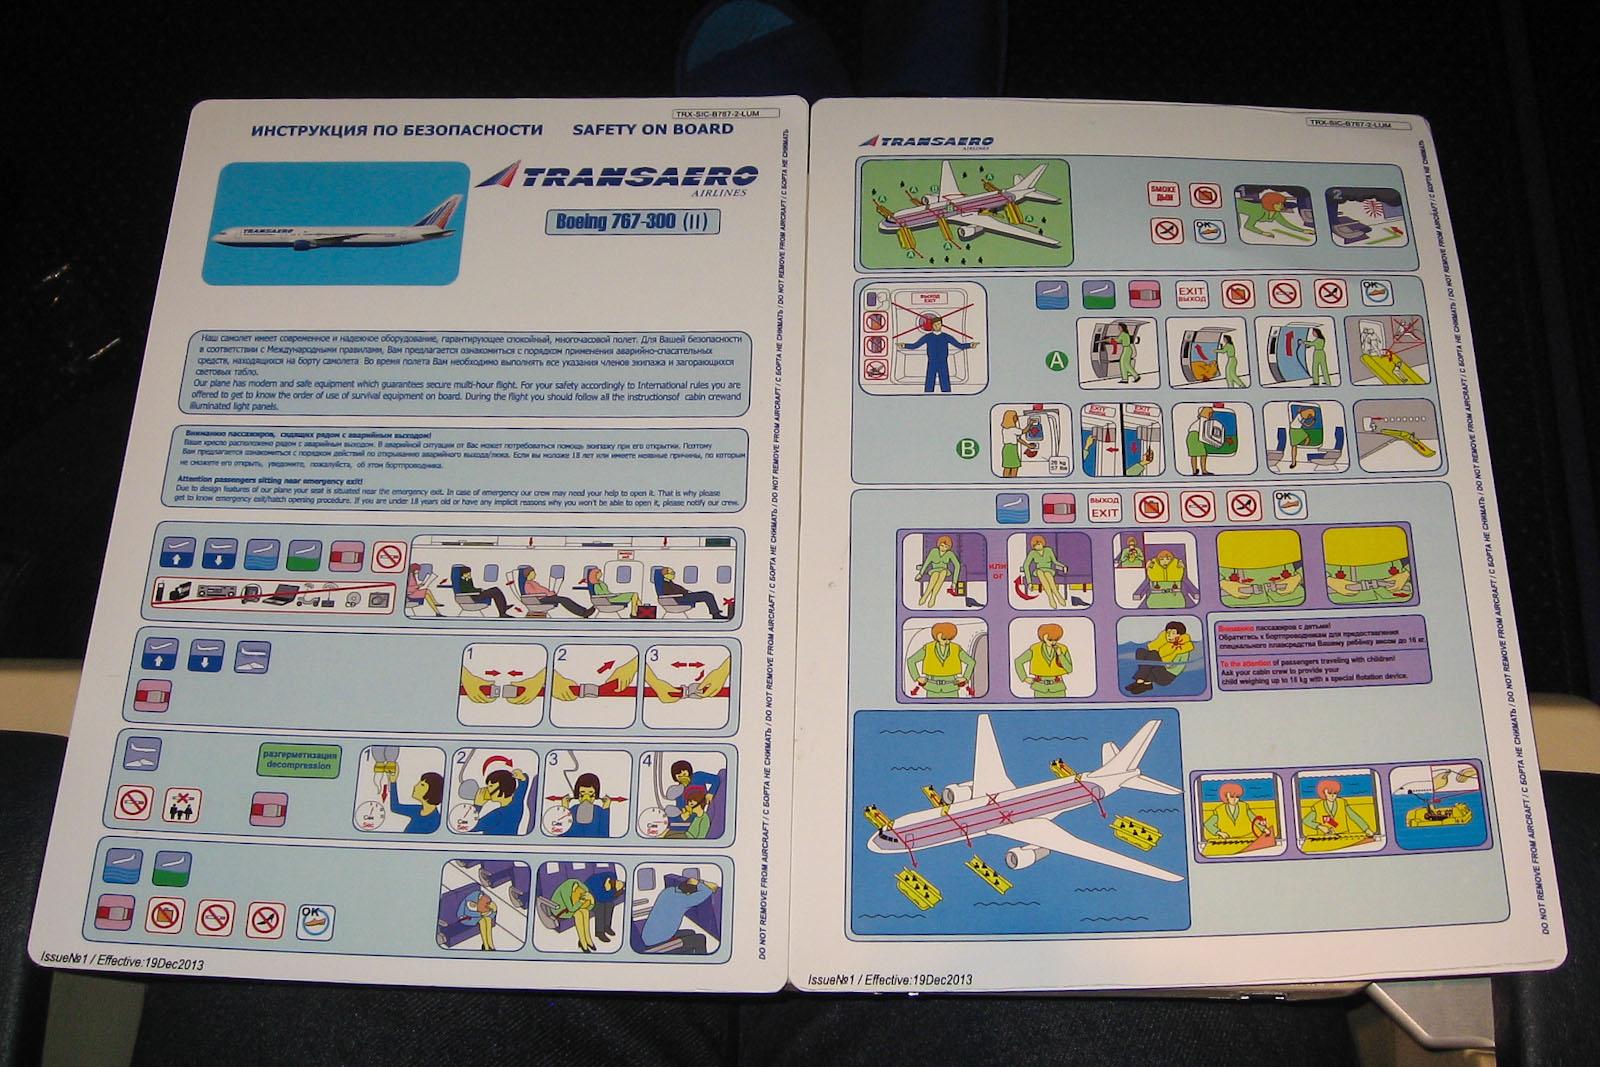 Инструкция по безопасности самолета Боинг-767-300 Трансаэро